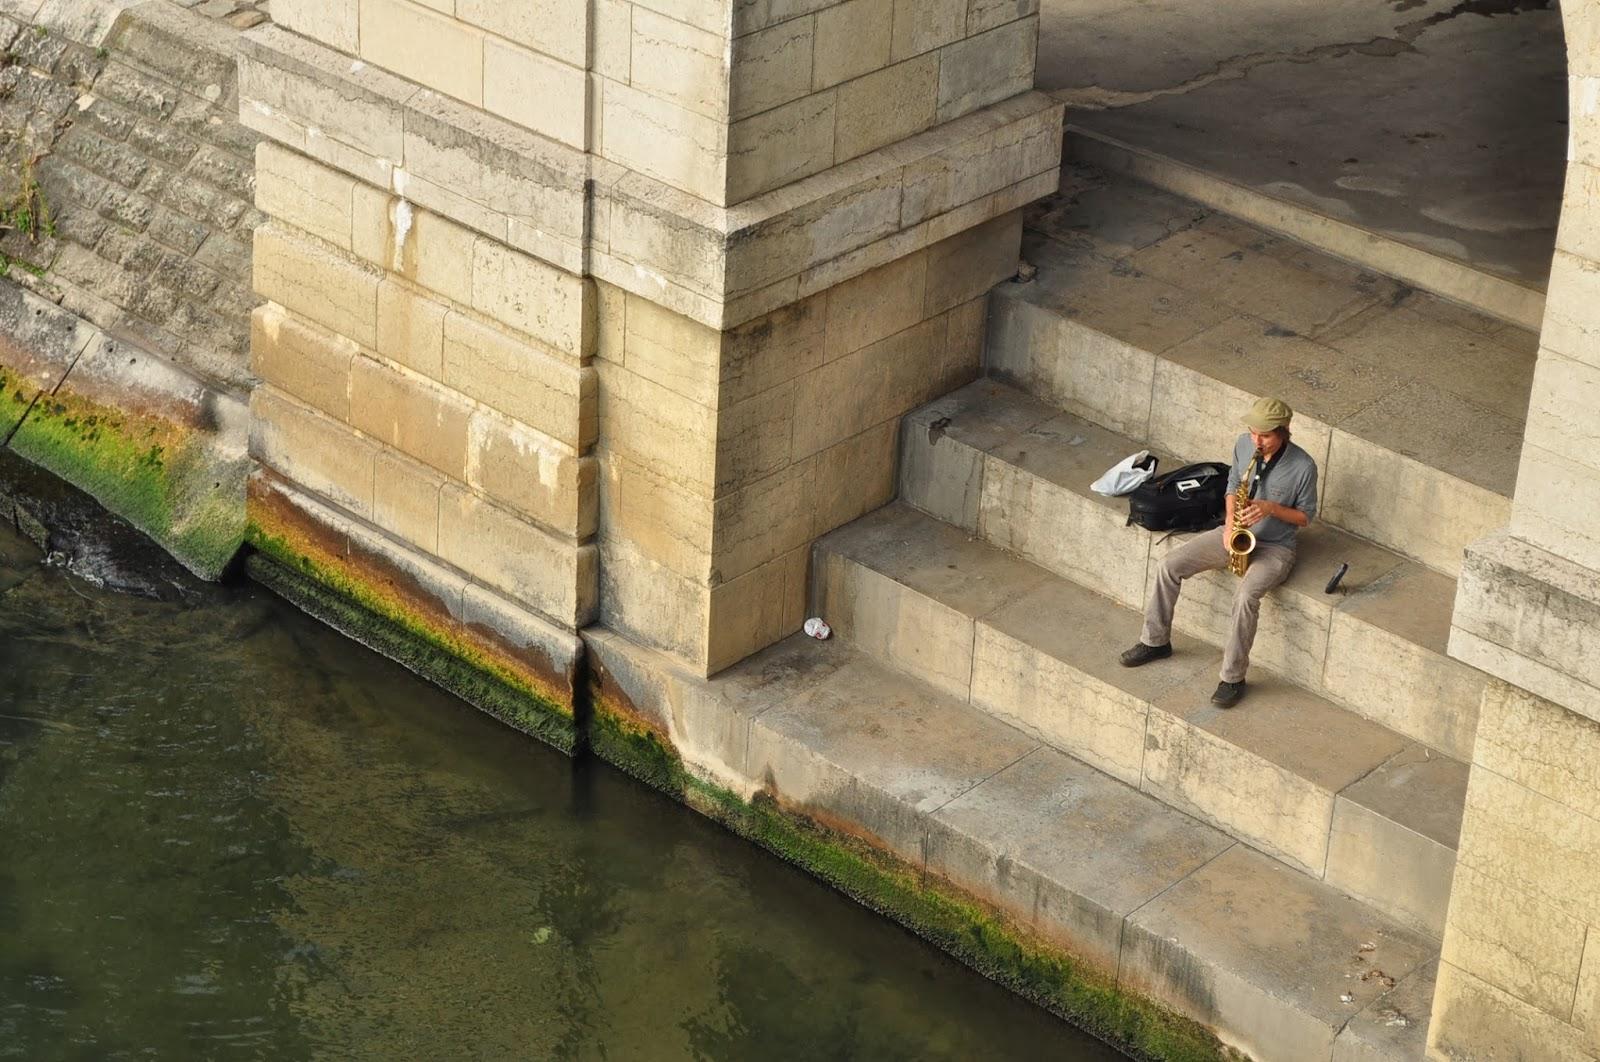 Сена, водната артерия на града, хипнотизира поети, художници, фотографи и музиканти. Мнозина от тях се хвърлят в нея за да се сгушат завинаги в ледената й прегръдка.